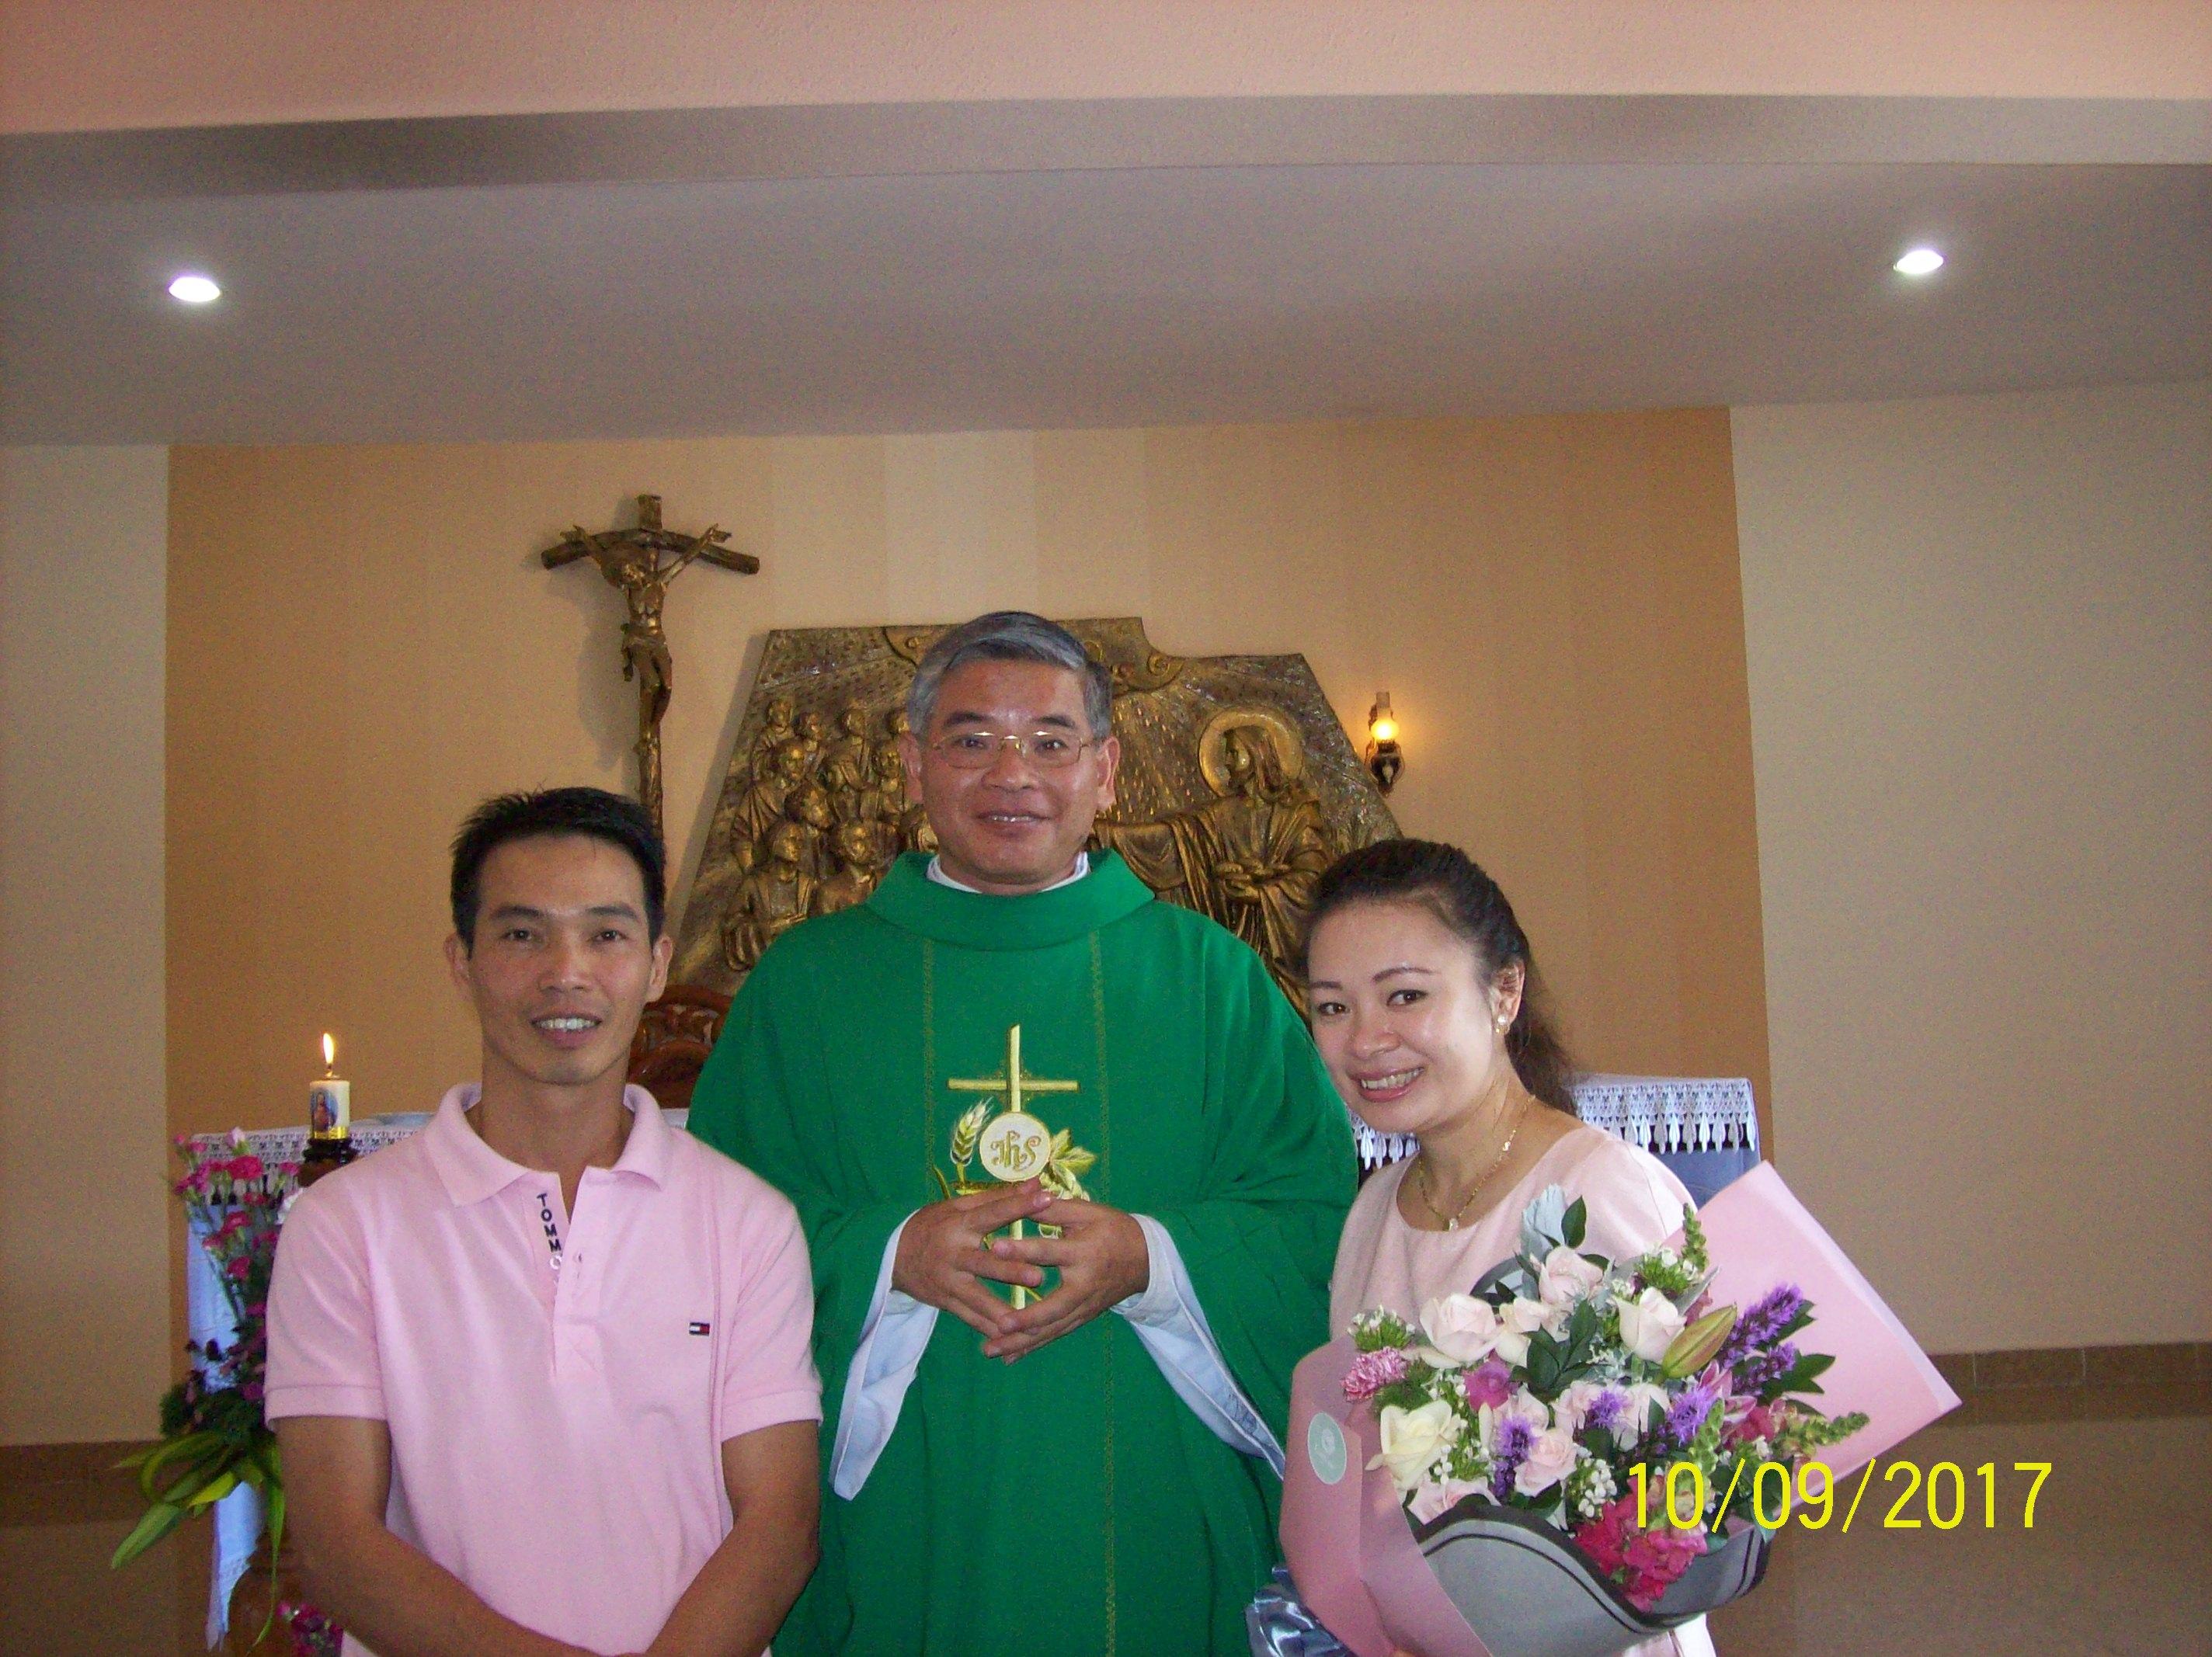 Mừng kỷ niệm HPNĐ gia đình anh chị Ngọc Vinh - Ngọc Thảo tại nhà thờ Minh Giáo ngày 10-09-2017